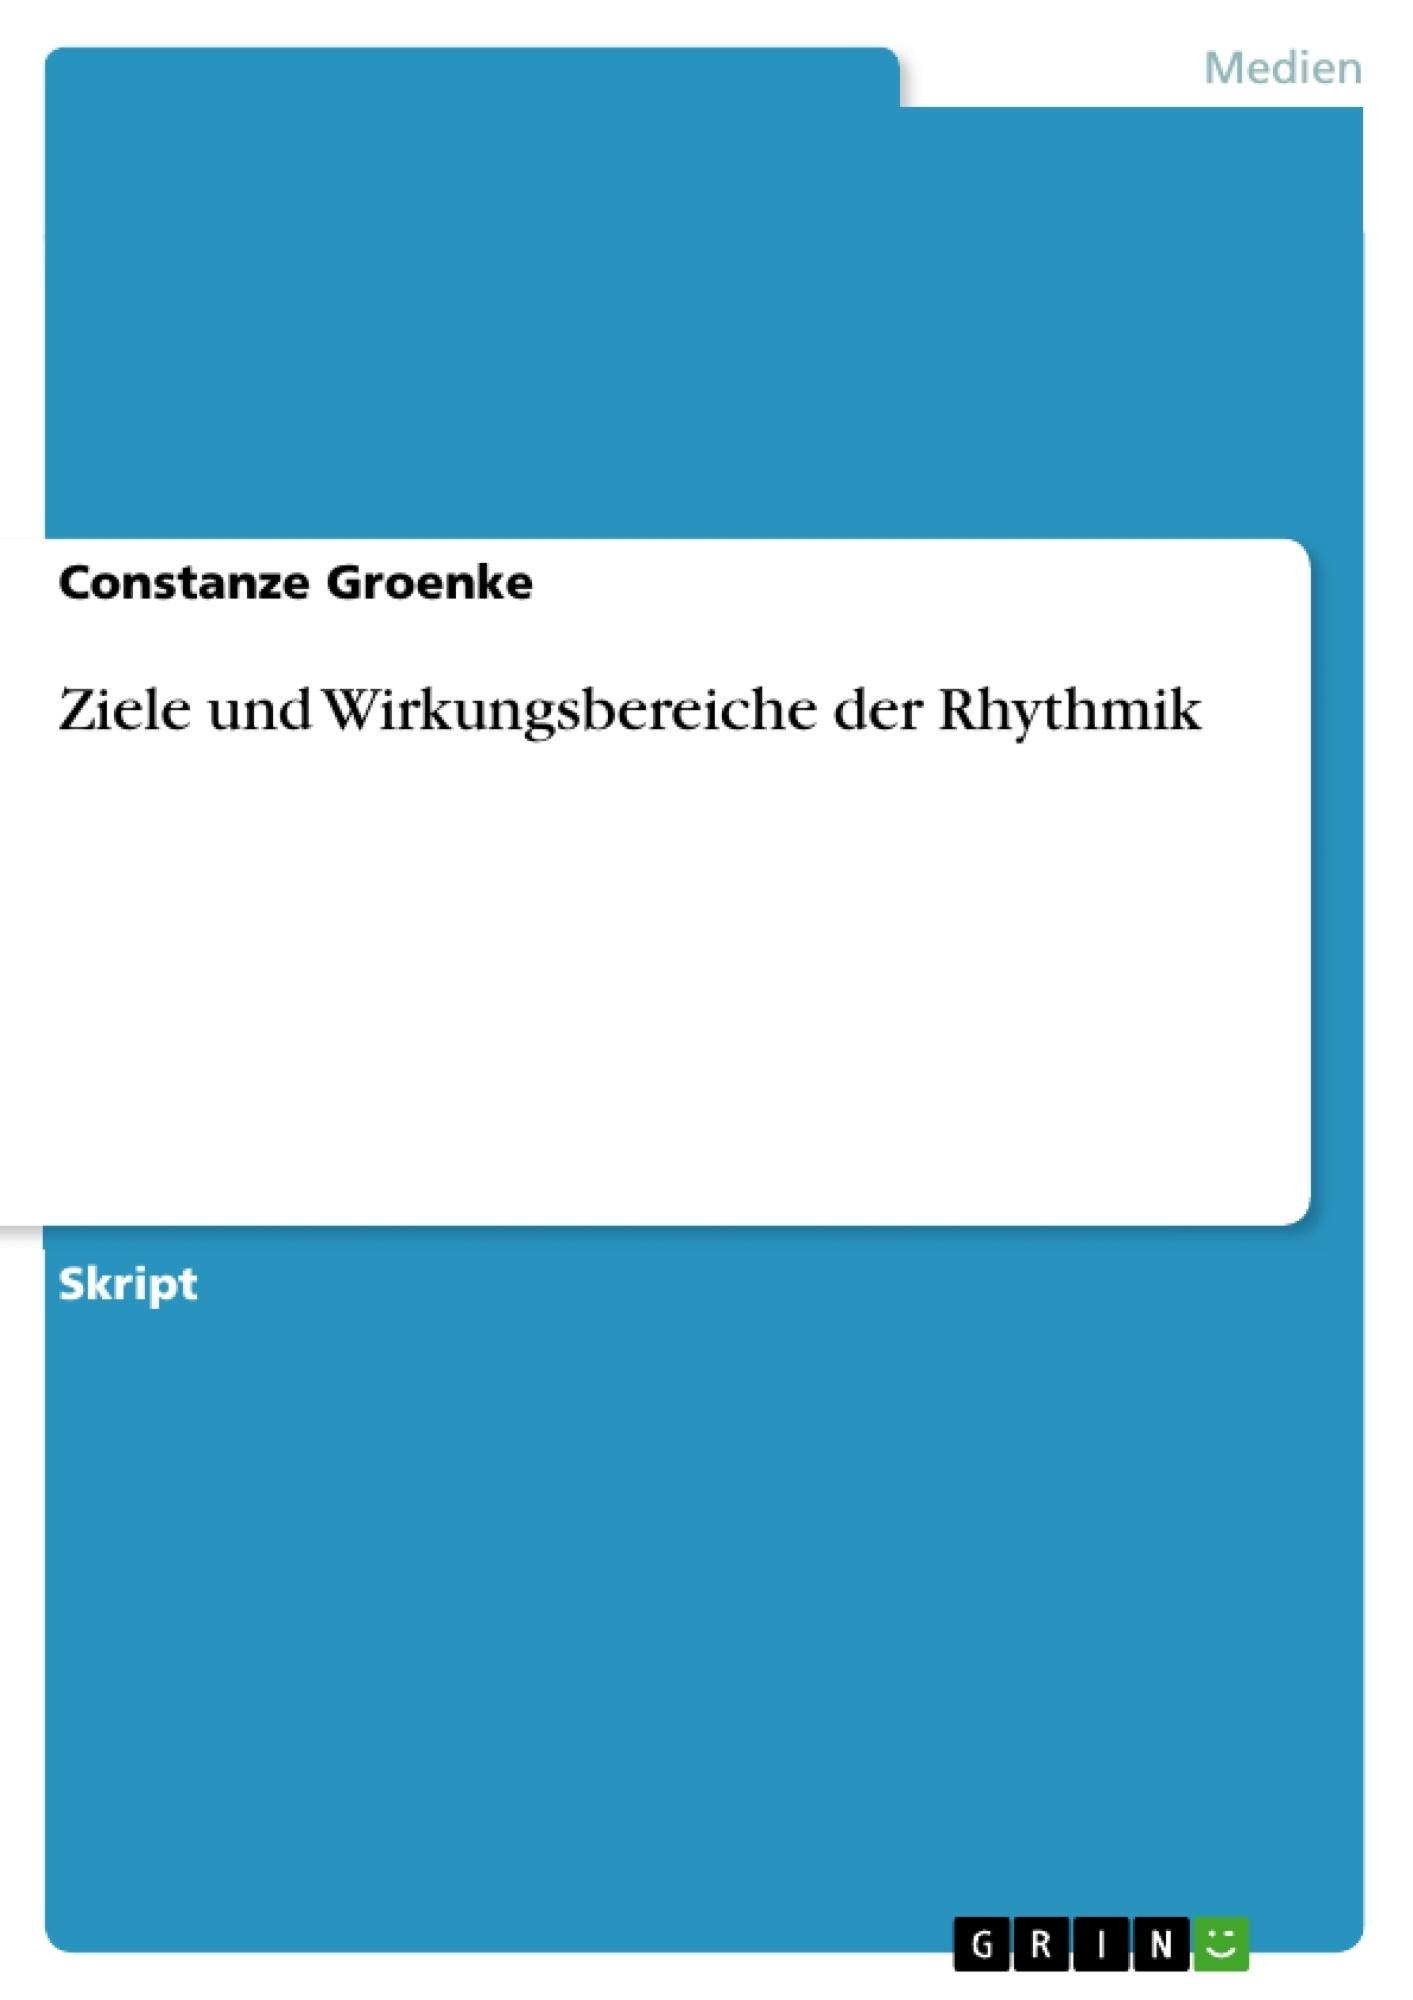 Titel: Ziele und Wirkungsbereiche der Rhythmik